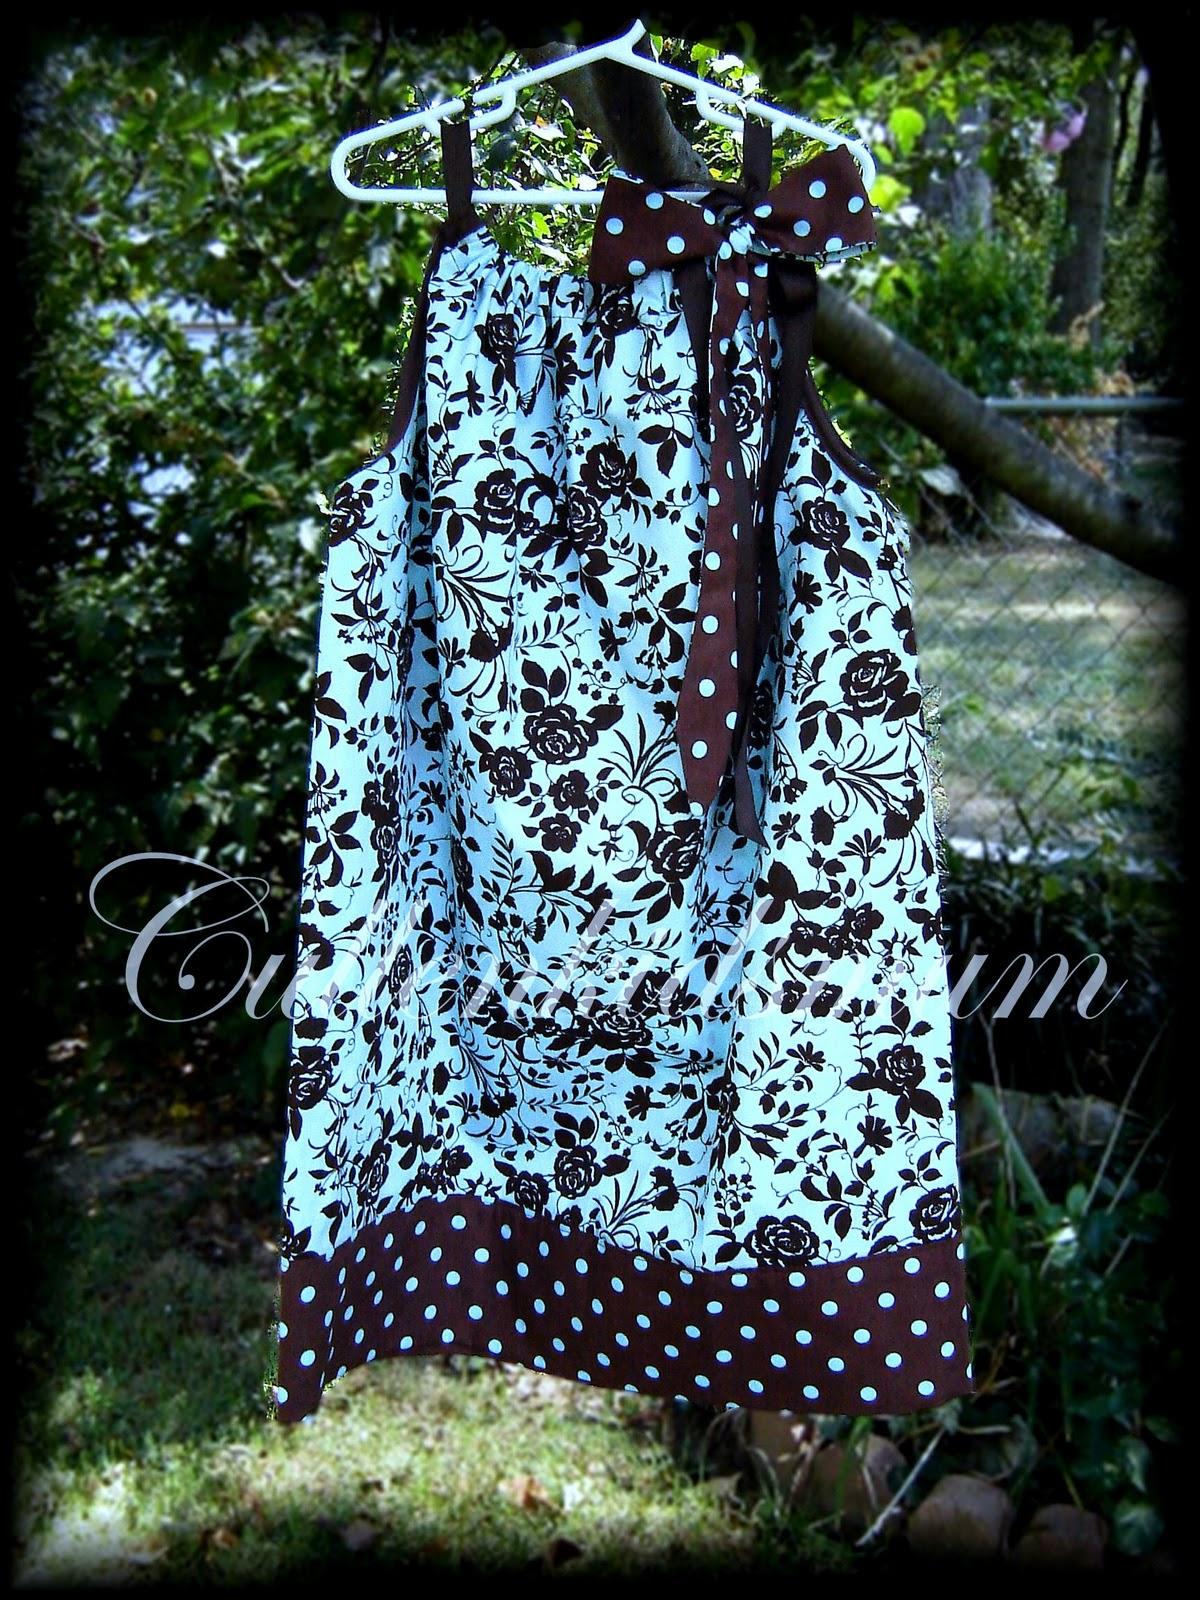 http://3.bp.blogspot.com/_PzC9I8k97eQ/TKJfAjrvDjI/AAAAAAAABDk/UfwXI09scE8/s1600/PC+dress%231.jpg